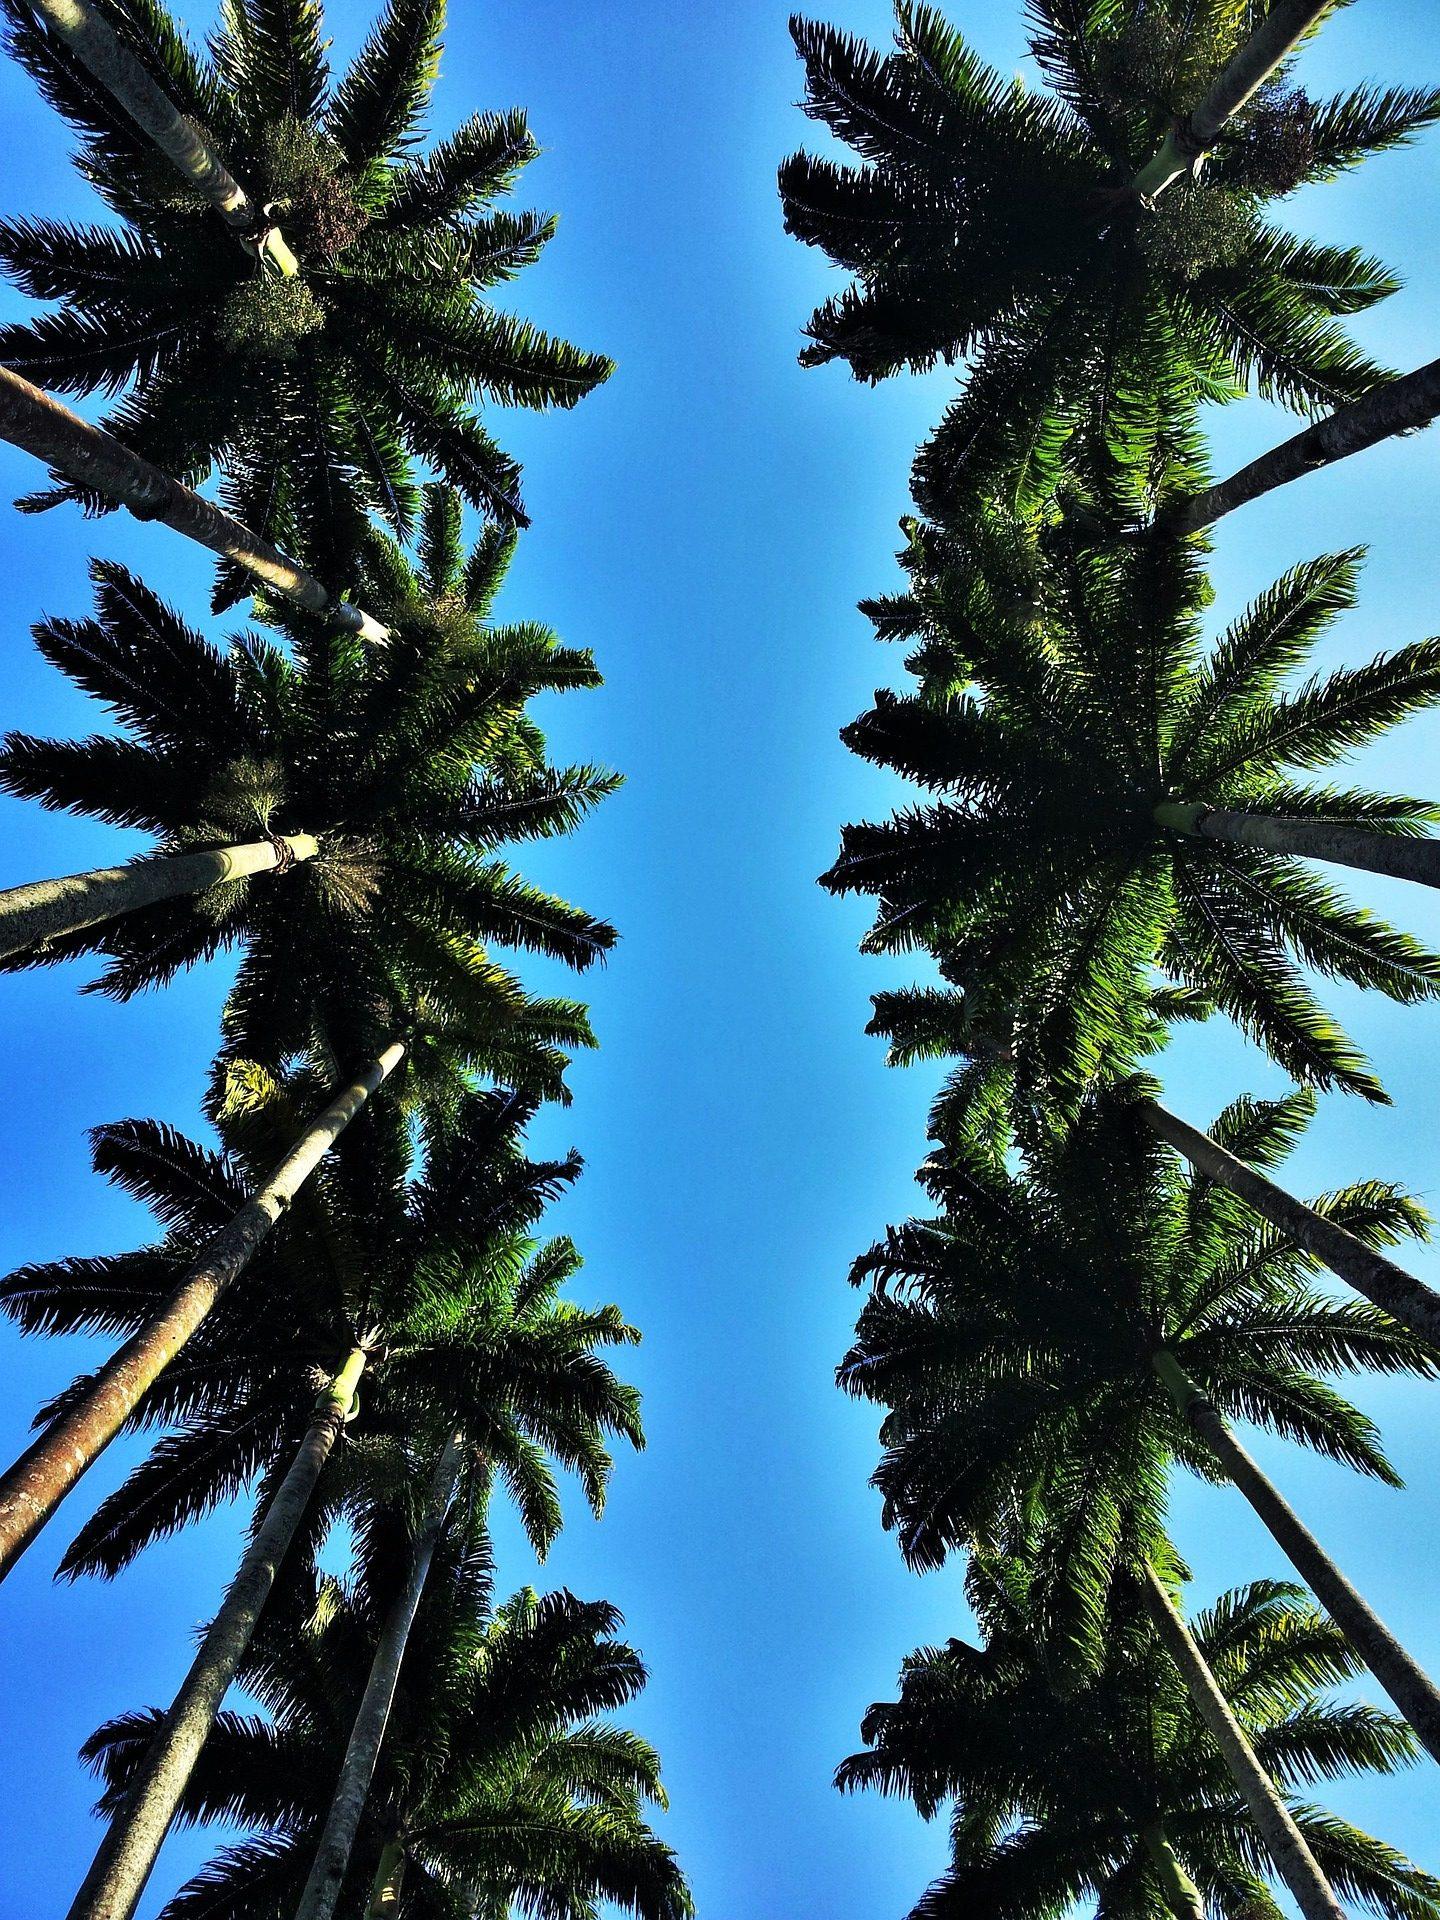 vacances au soleil et palmiers voyage sur mesure